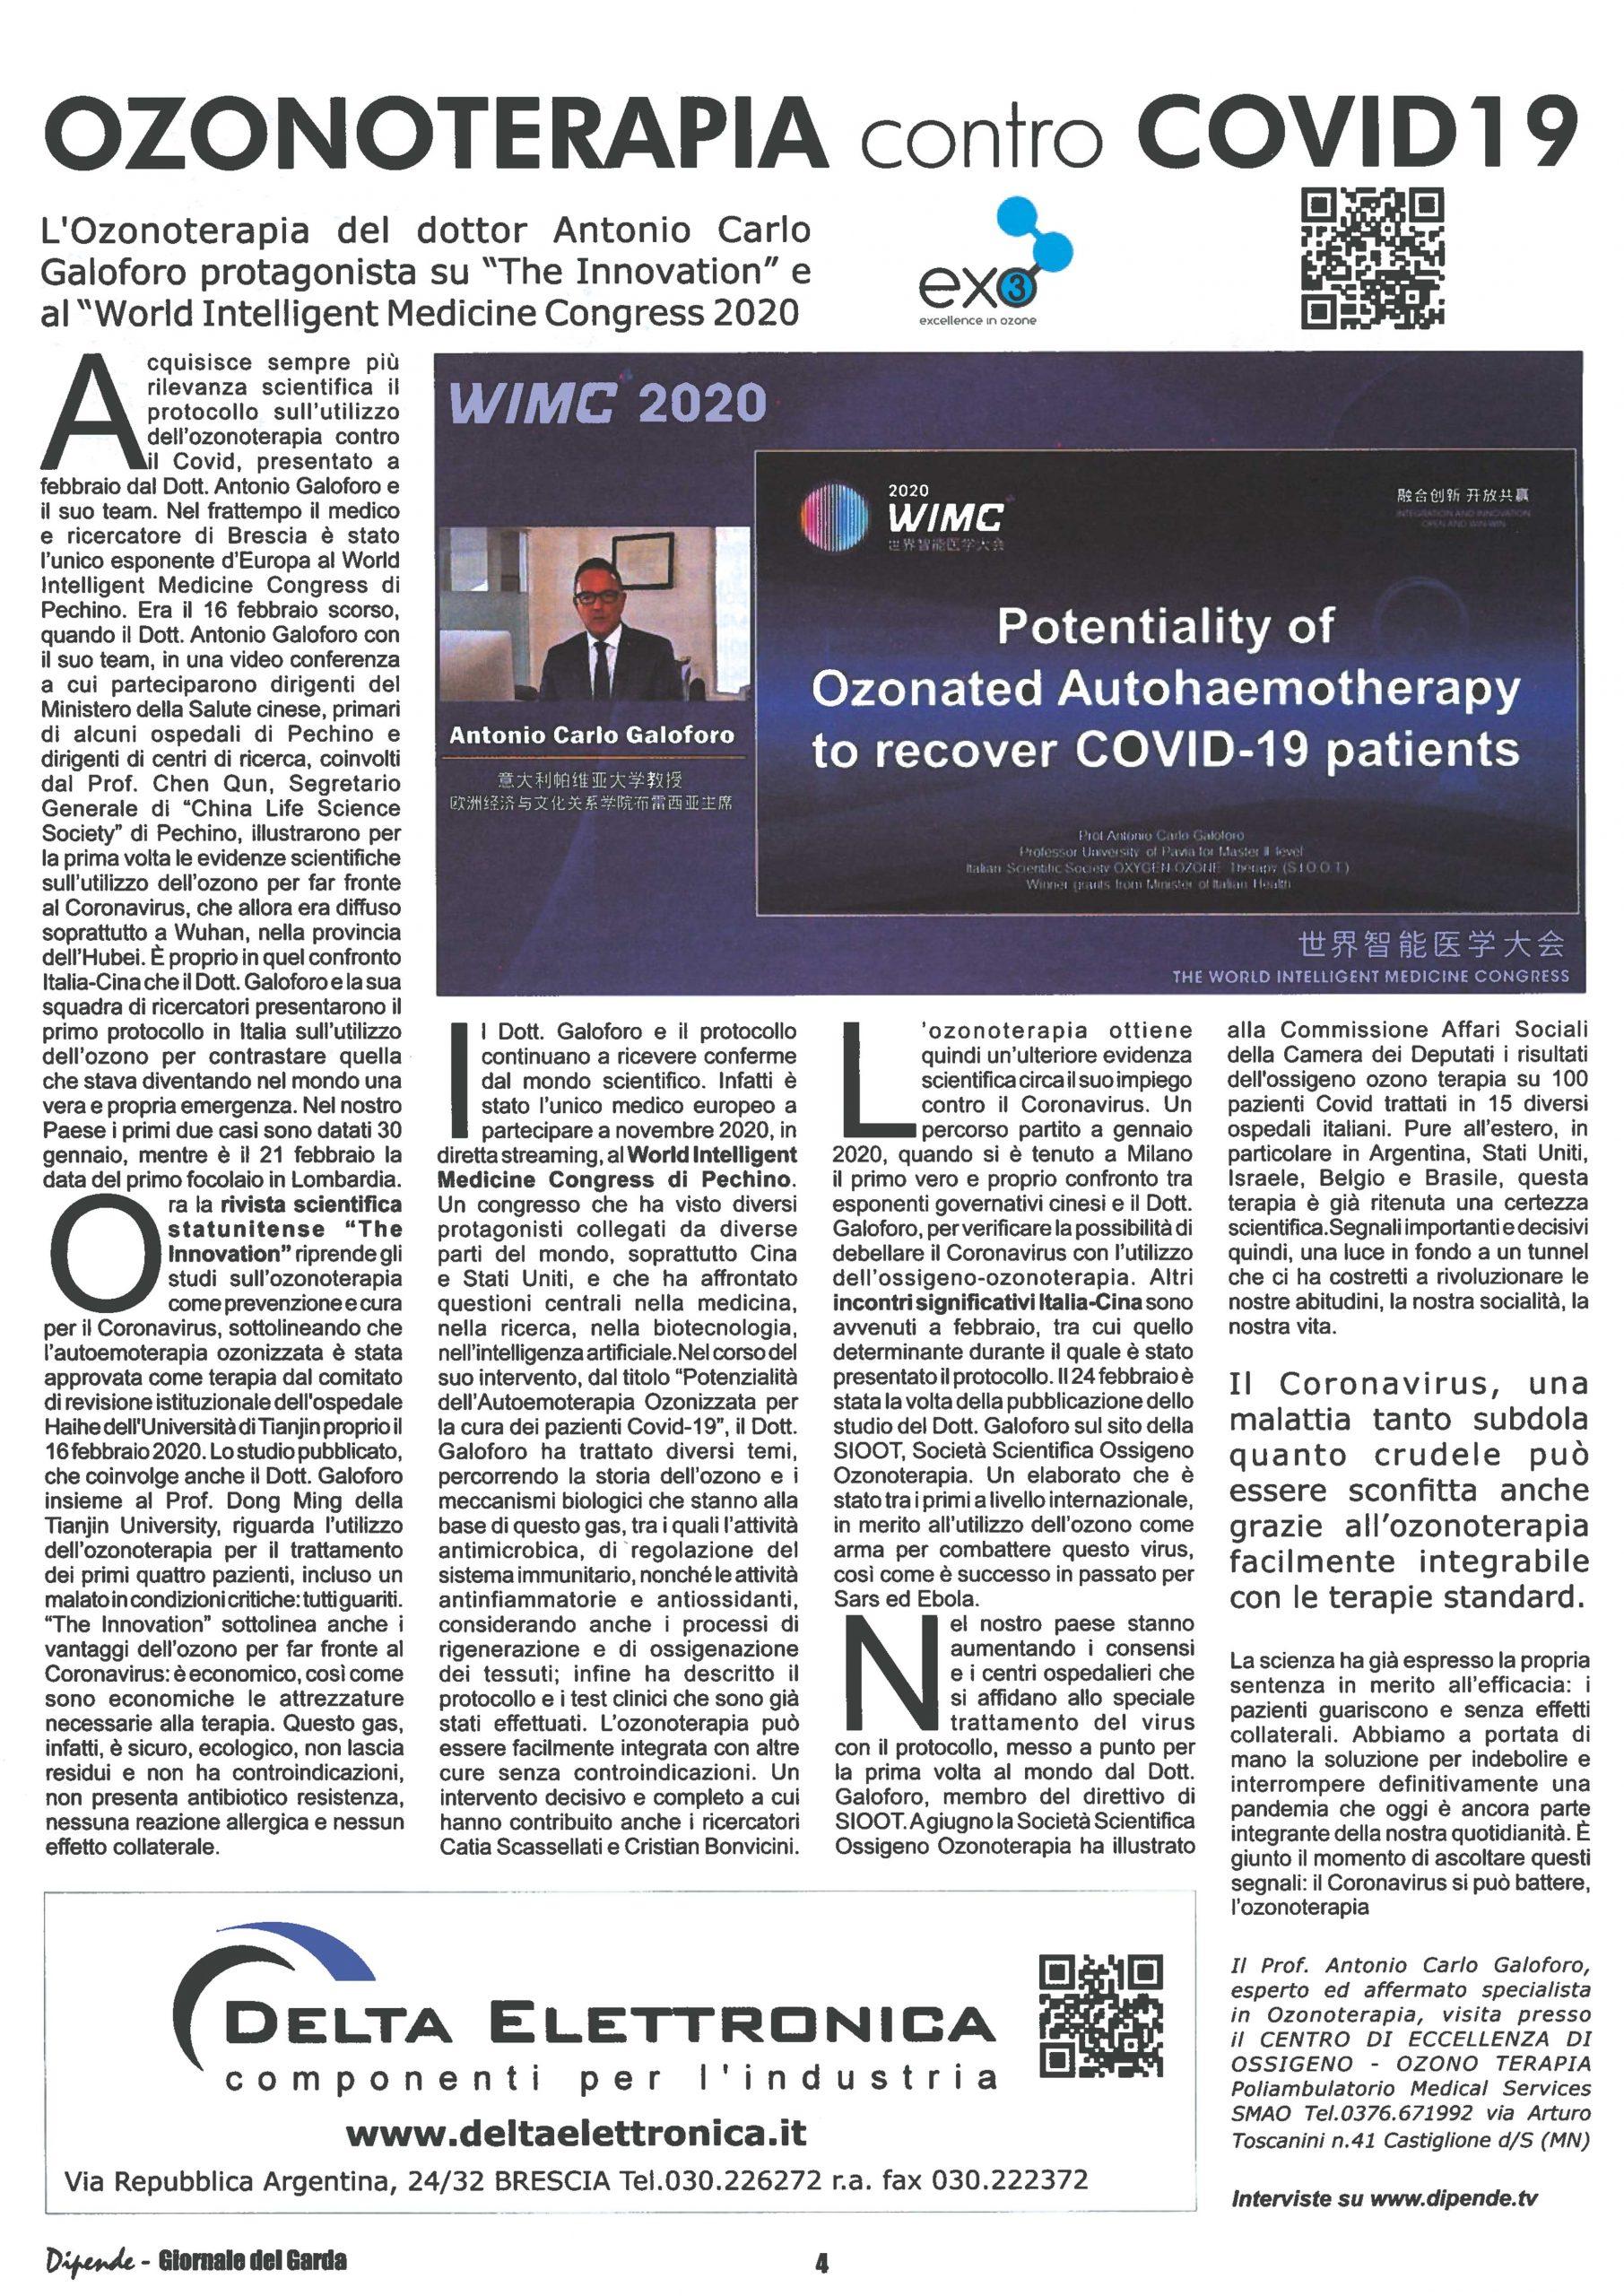 articolo ozonoterapia contro covid19